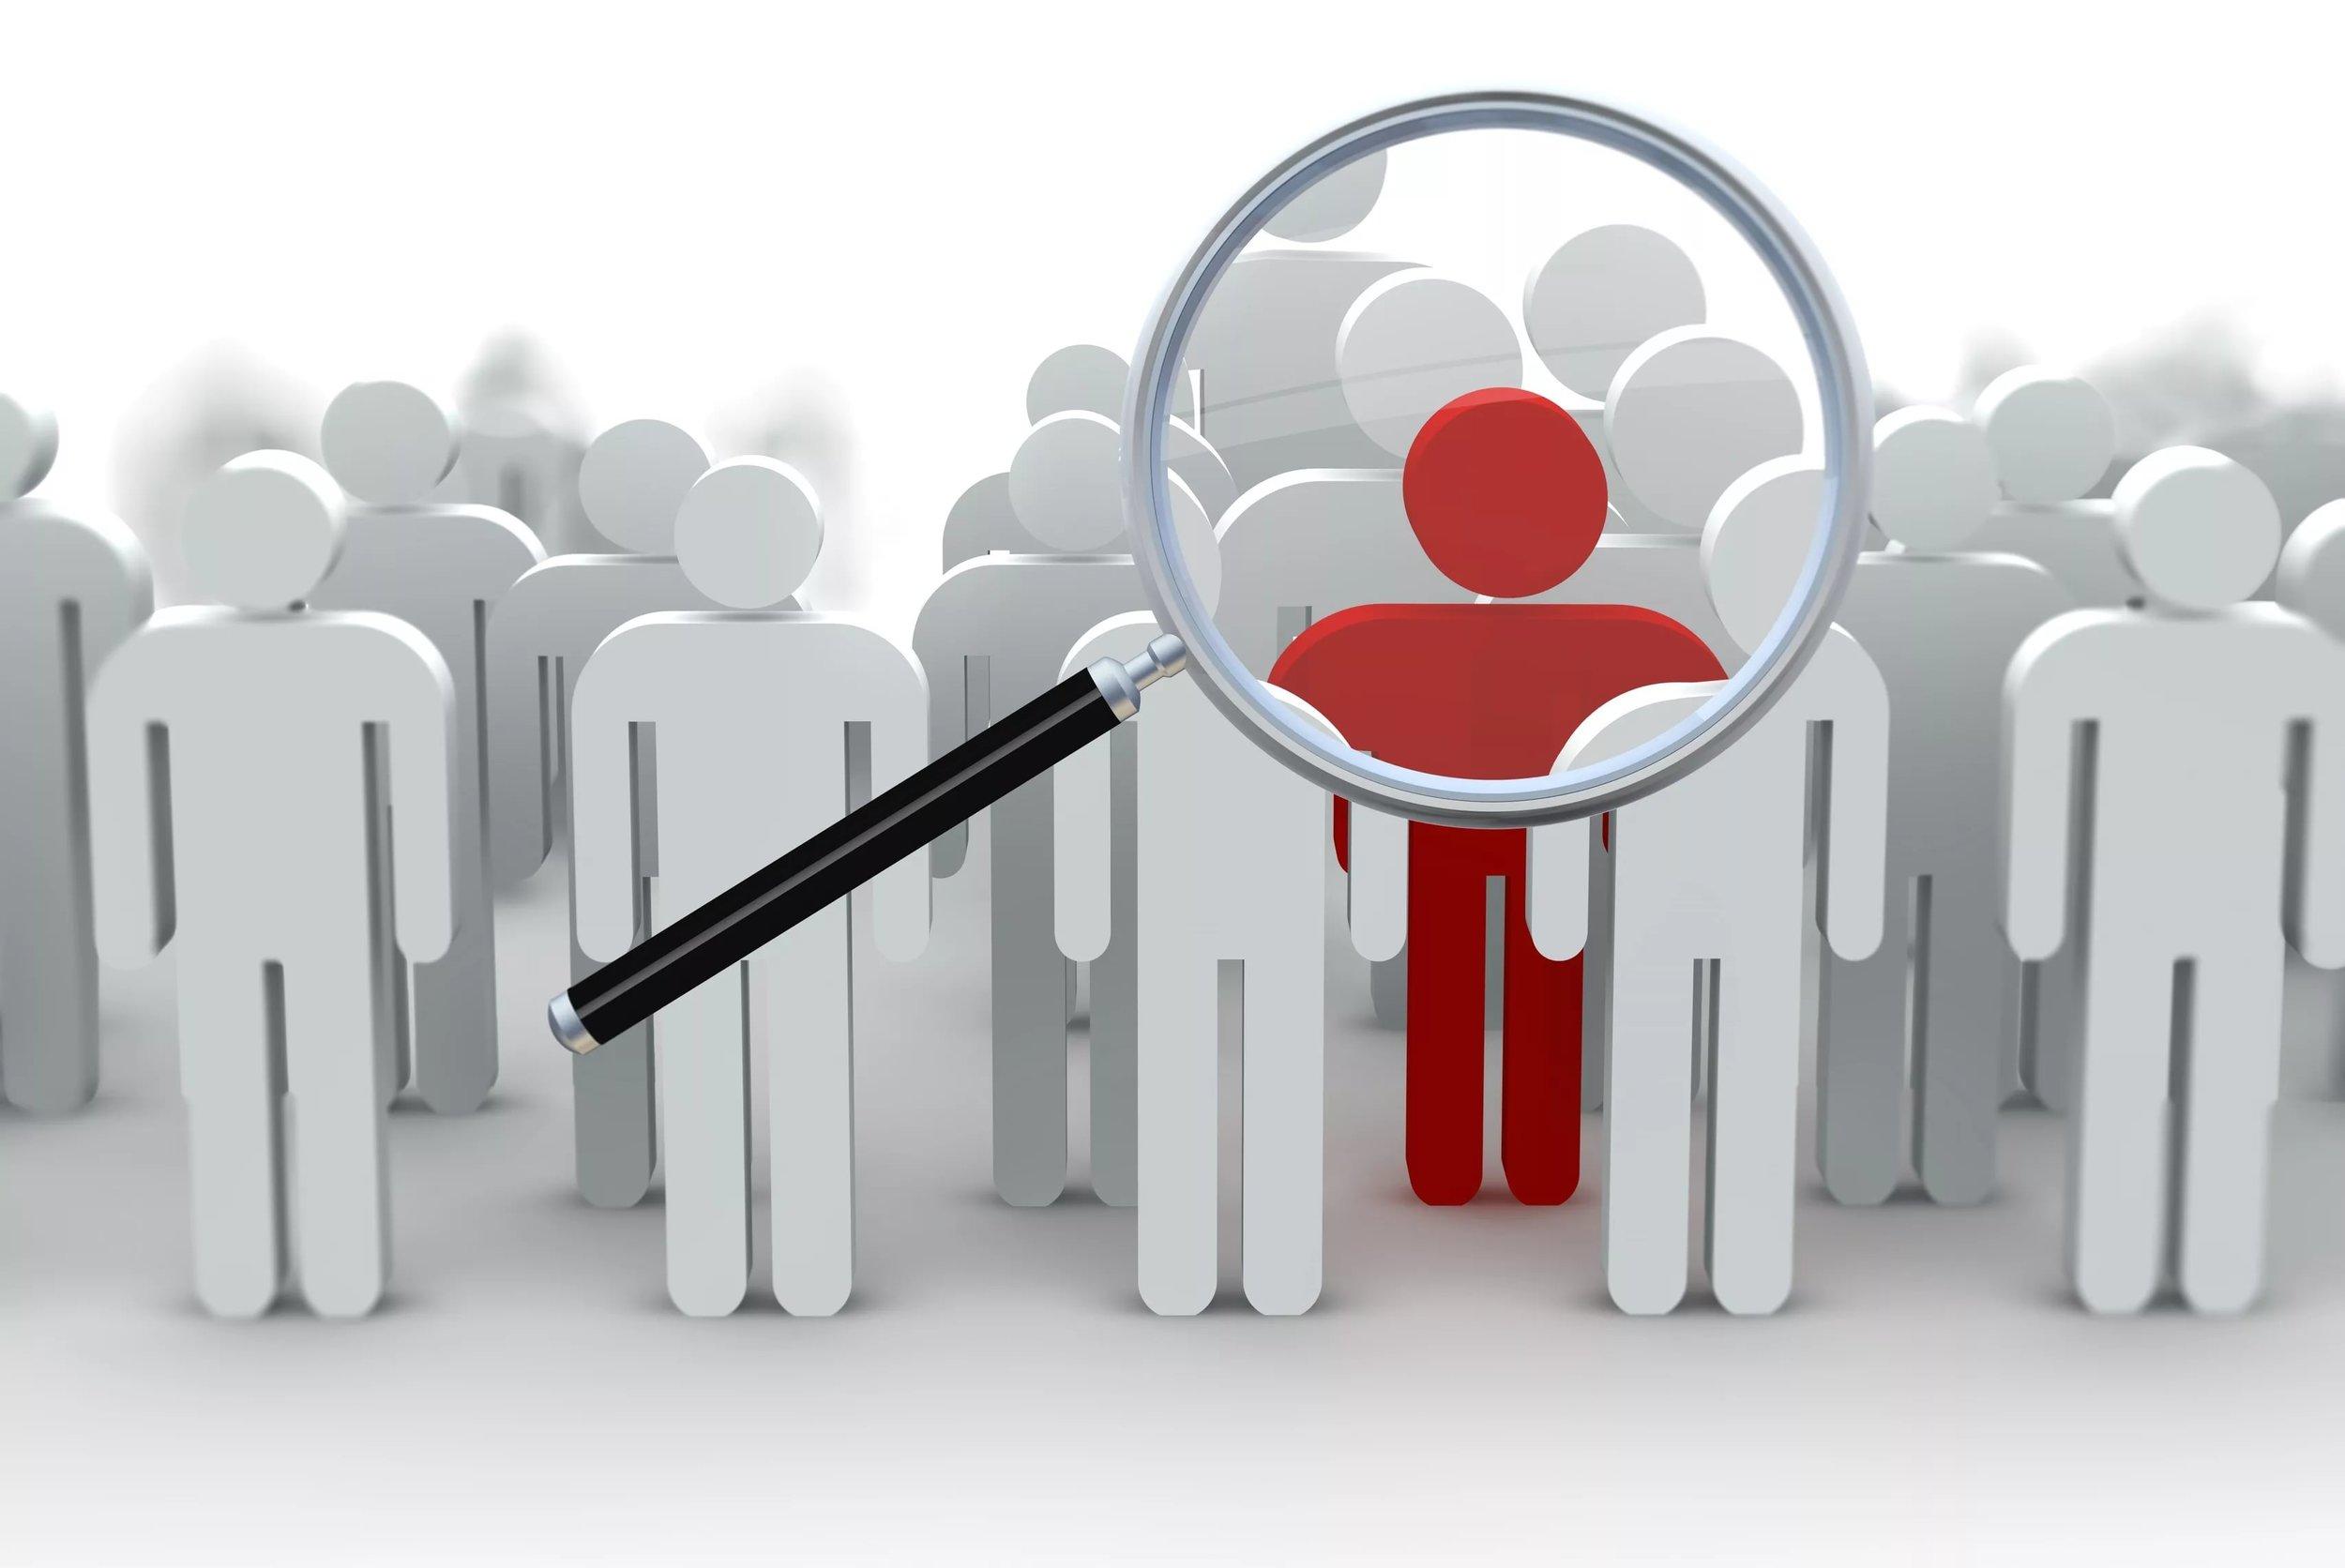 В связи с наличием на рынке недобросовестных поставщиков работ (услуг), которые не выполняют в полном объеме принятые на себя обязательства, появилась необходимость в создании Реестра проверенных организаций.